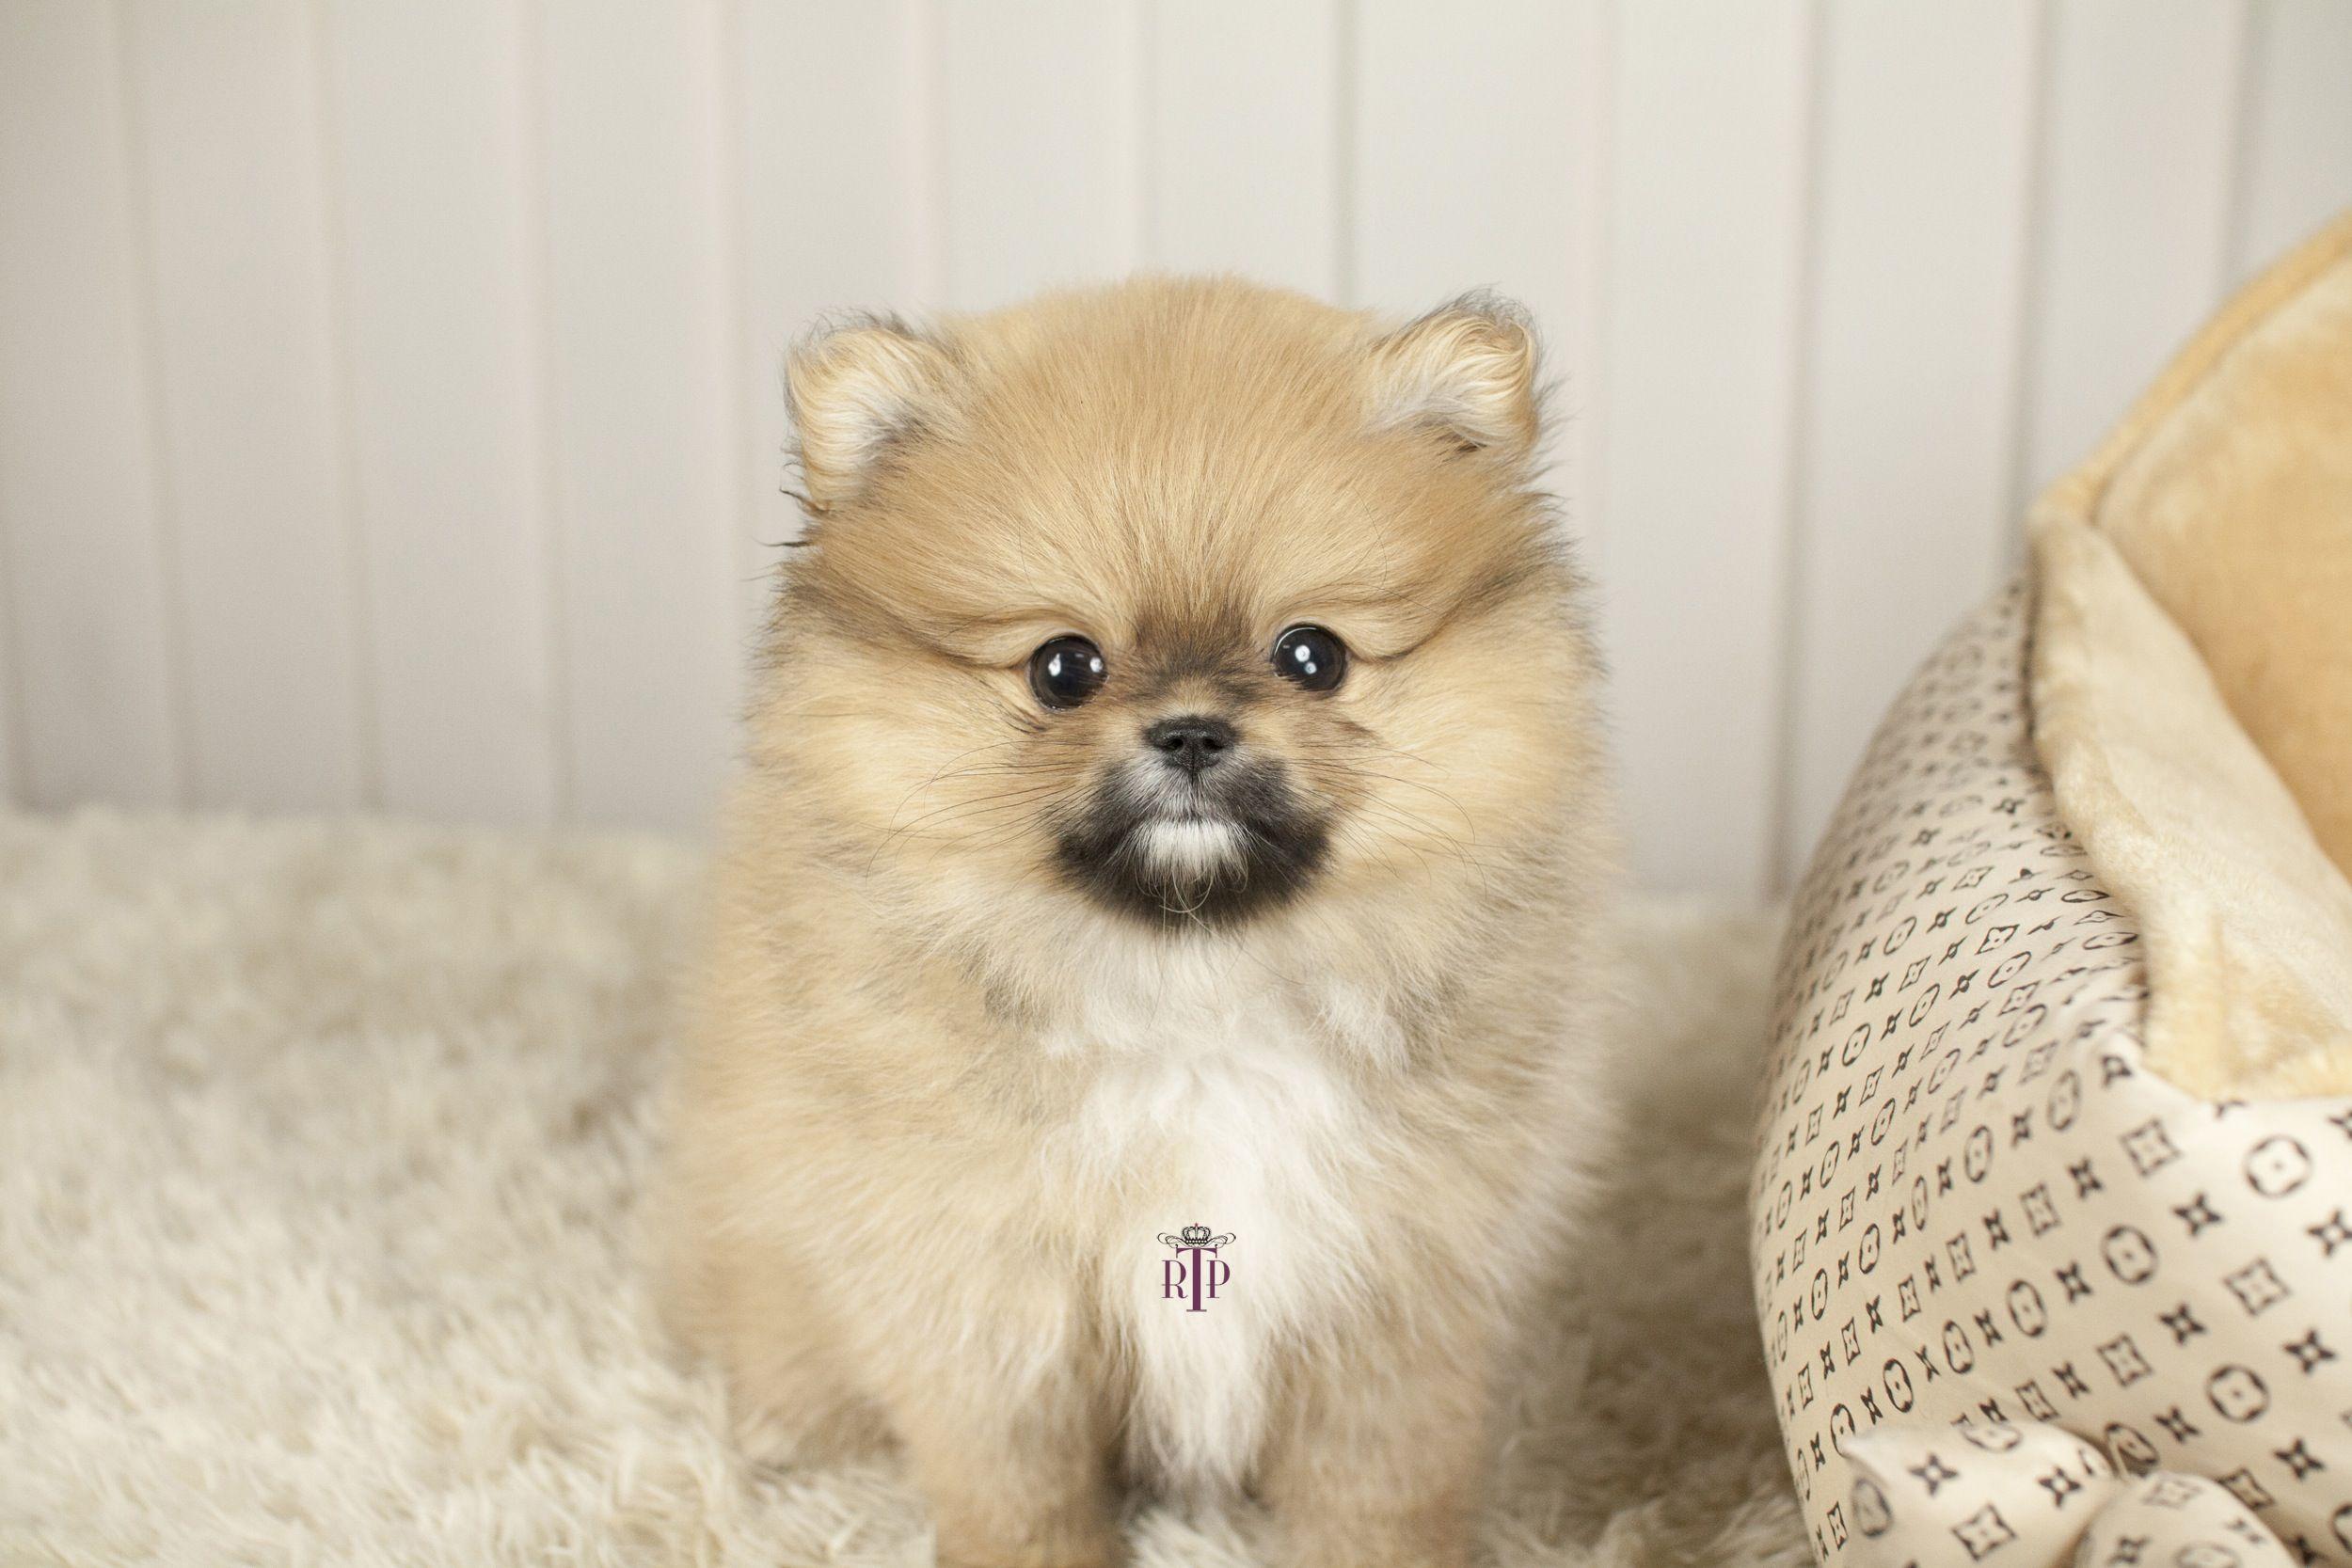 Teacup Pomeranian Puppy Chien mignon, Chien, Chiot